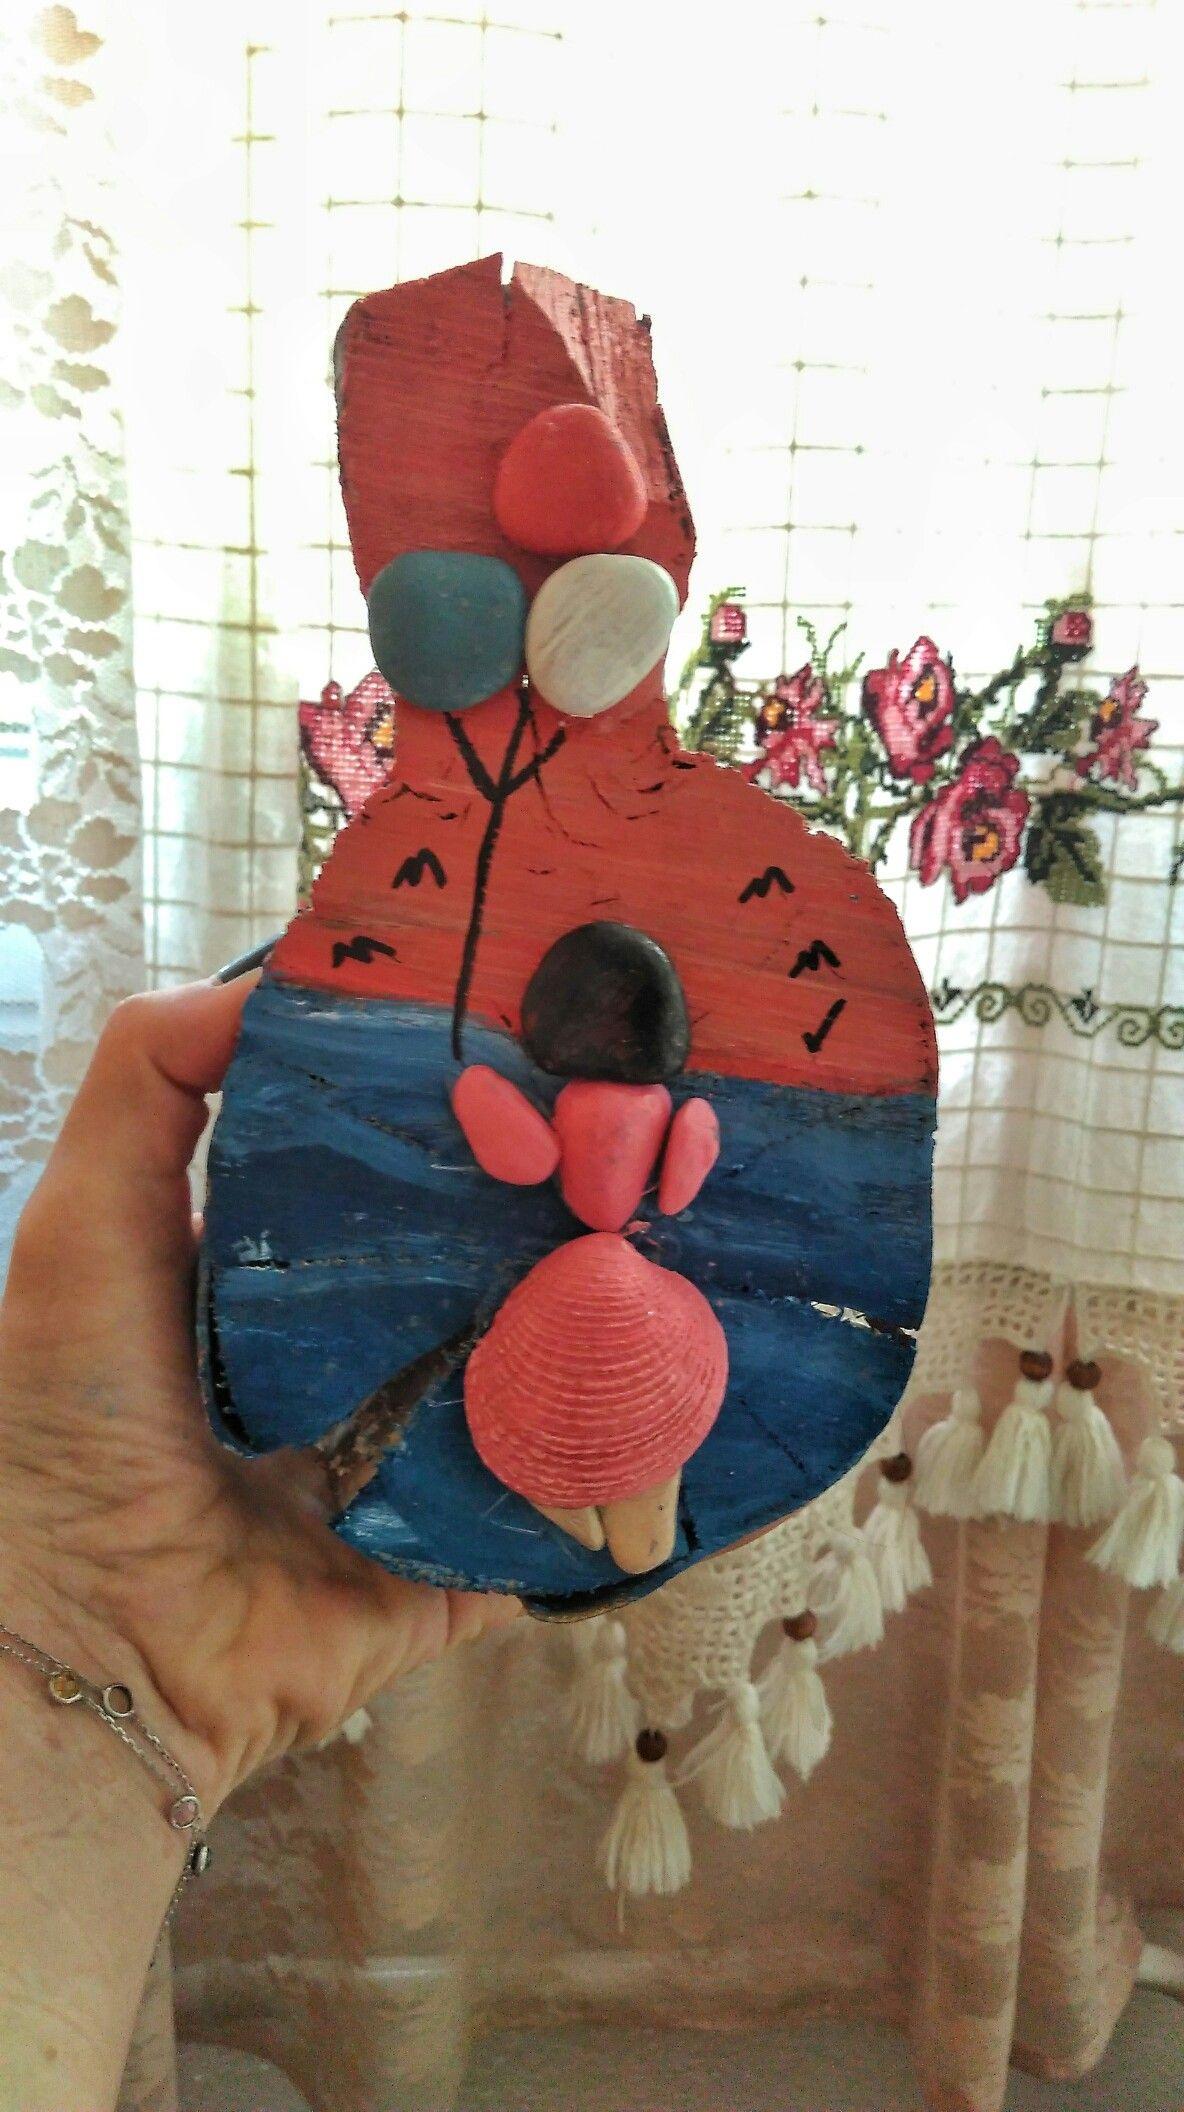 Balon Tutan Kız Kütük üzerine Taş Boyama Taş Boyama Kids Rugs